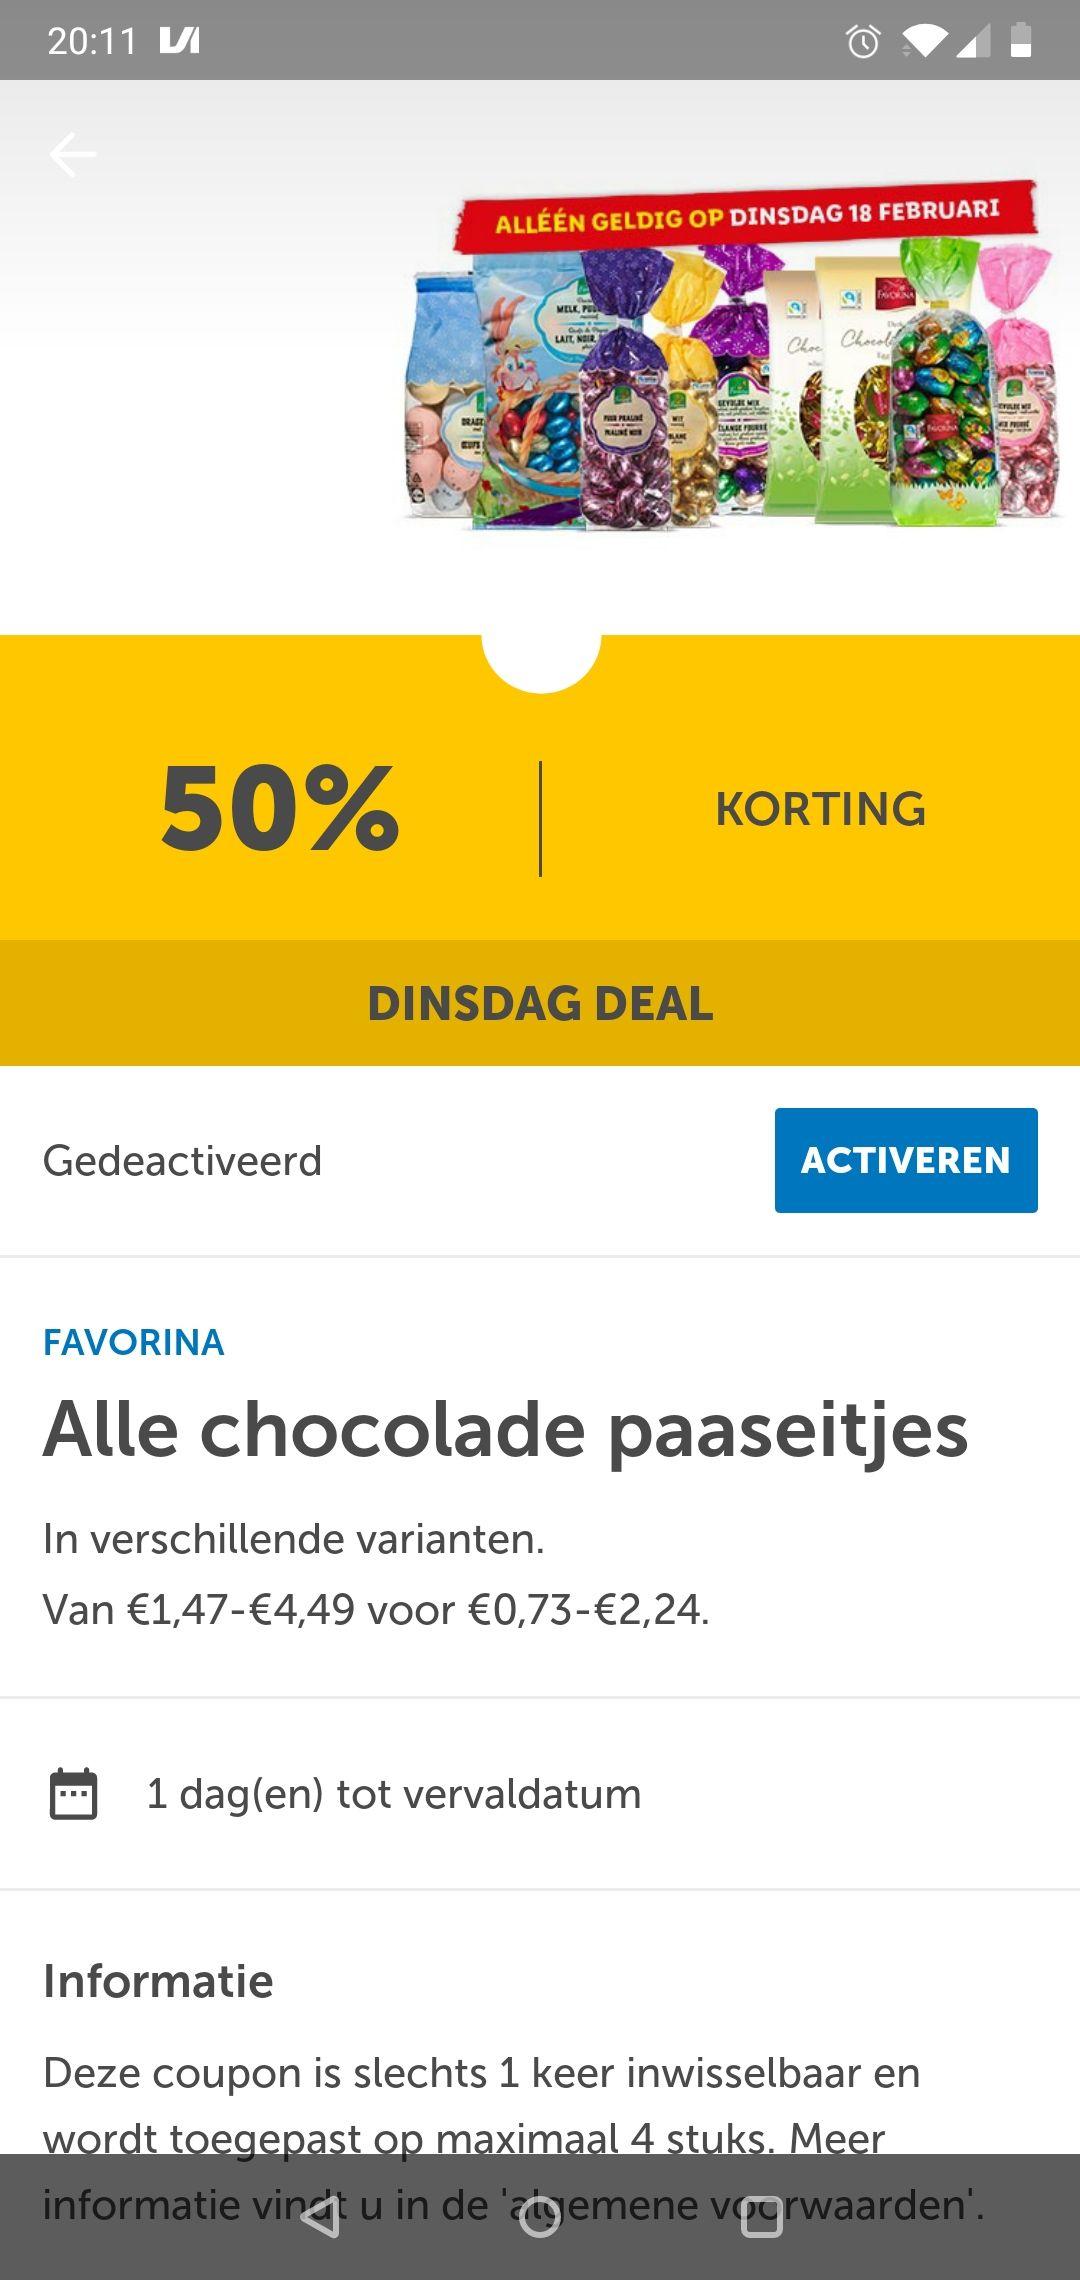 Alle paaseitjes 50% korting in de Lidl Plus app. Alleen dinsdag 18 februari